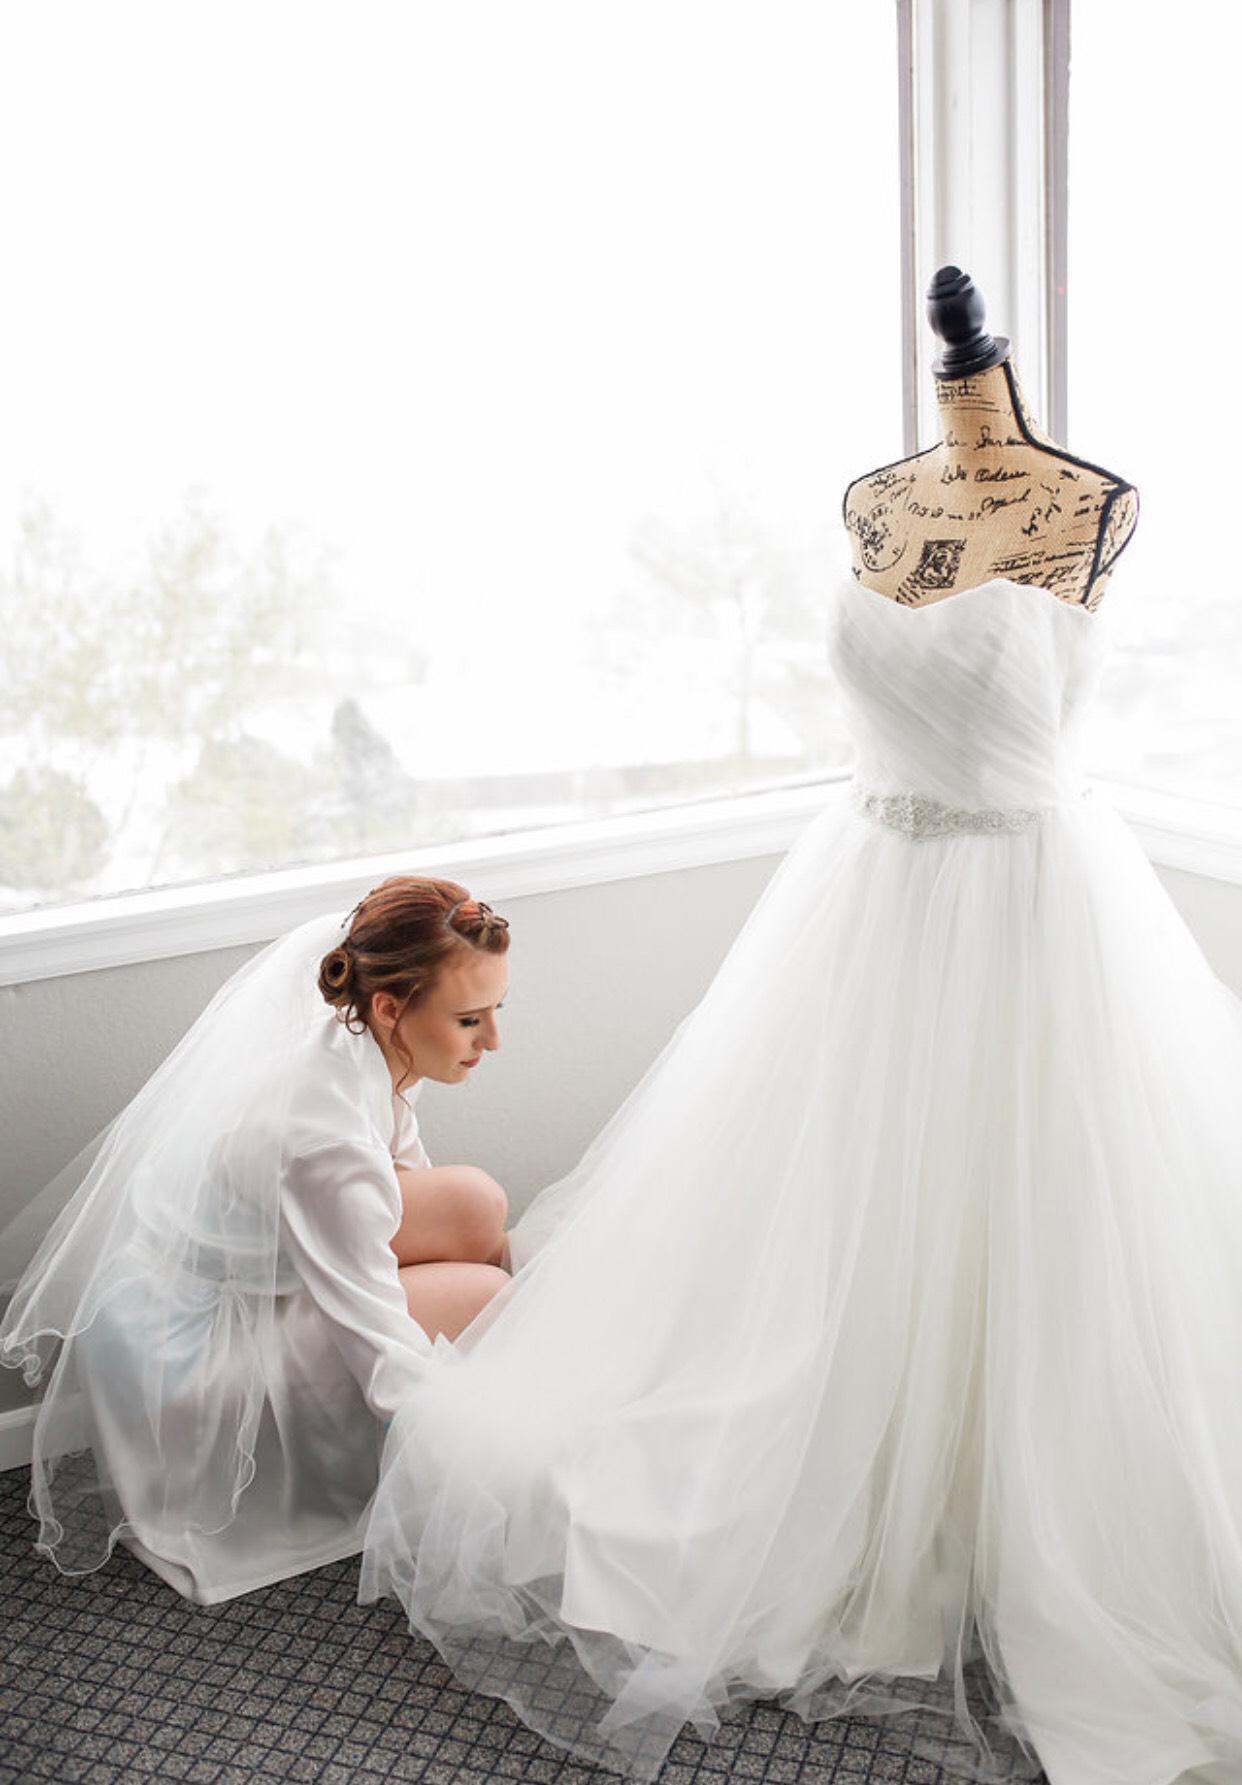 Denver-traveling-wedding-hairstylist-braiding-and-updo-specilaist